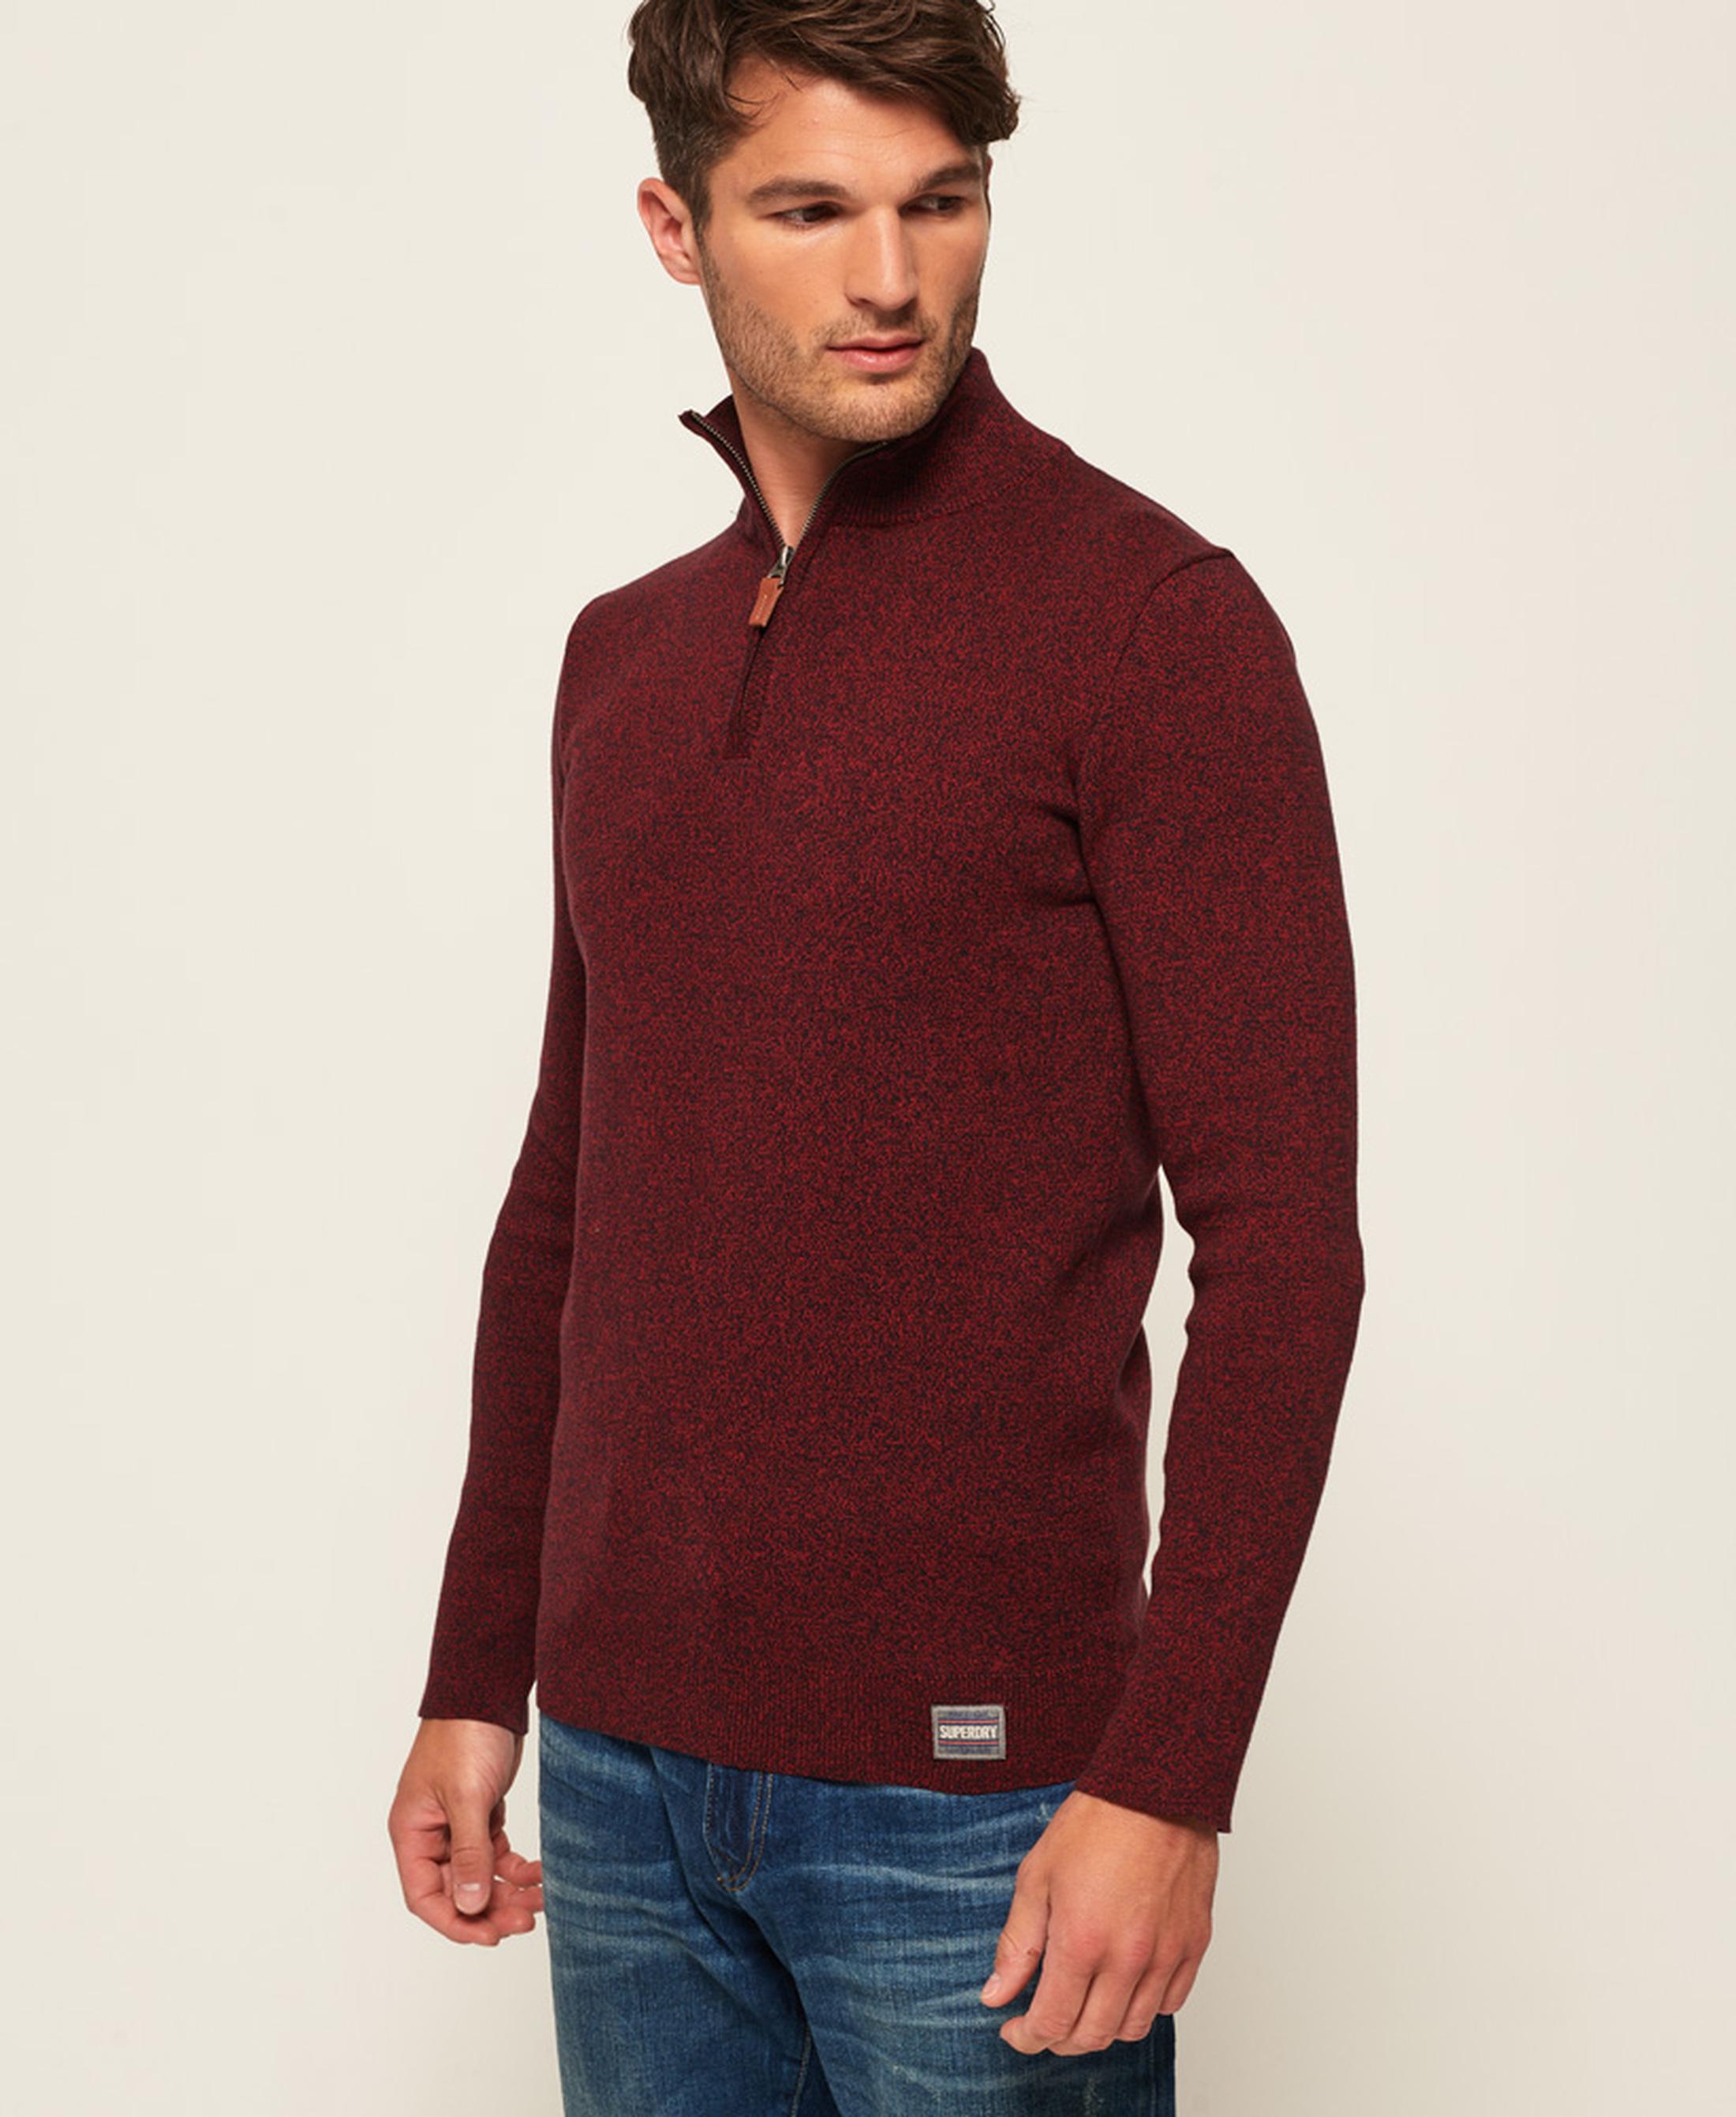 Superdry Sweater Melange Rot Reißverschluß foto 1